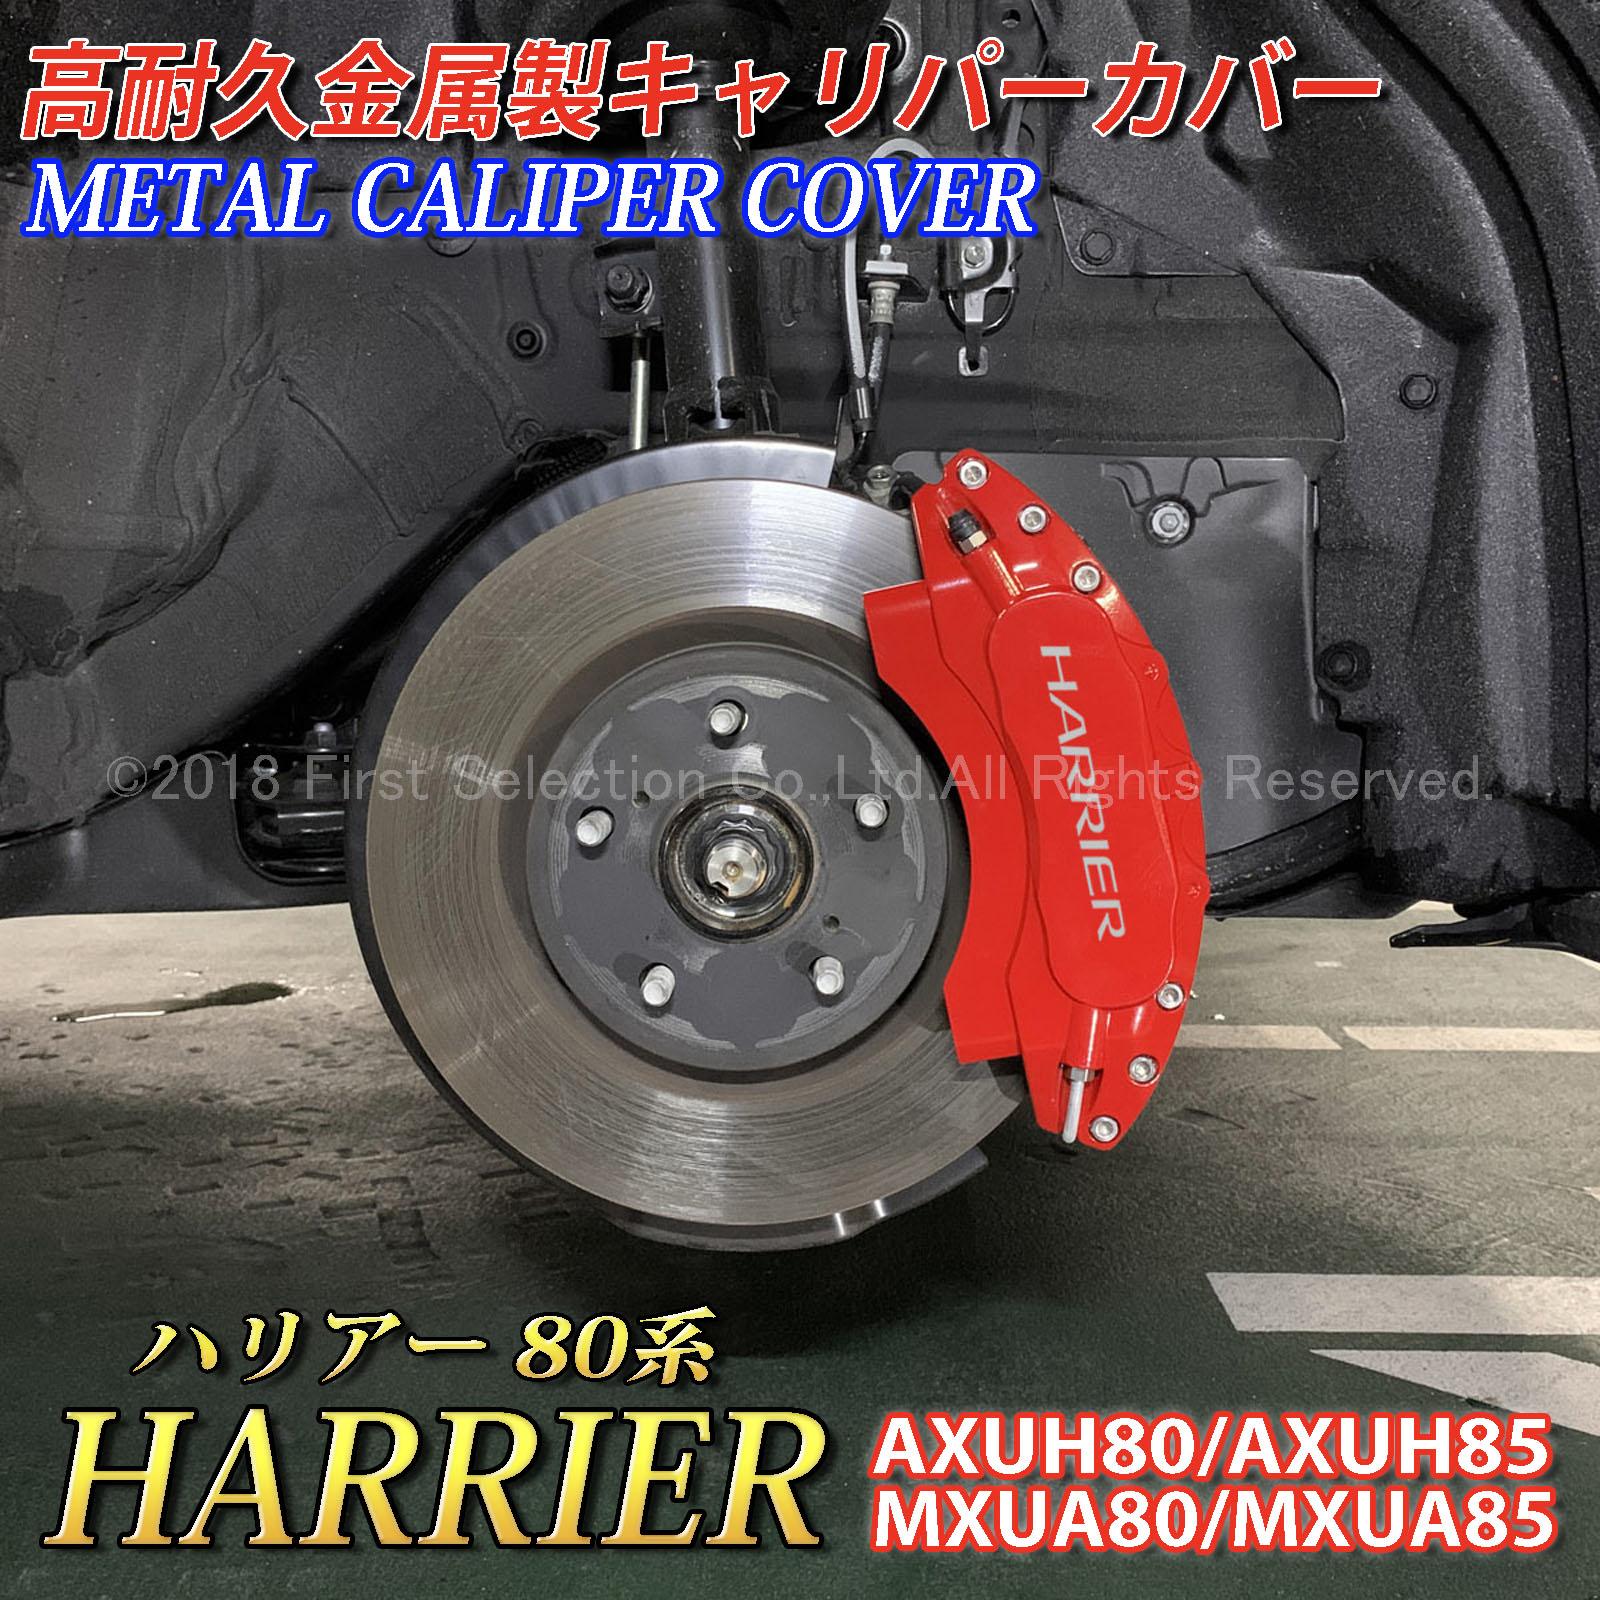 トヨタ車 HARRIERロゴ銀文字 ハリアー80系用 高耐久金属製キャリパーカバーセット赤 80ハリアー AXUH80 AXUH85 MXUA80 MXUA85